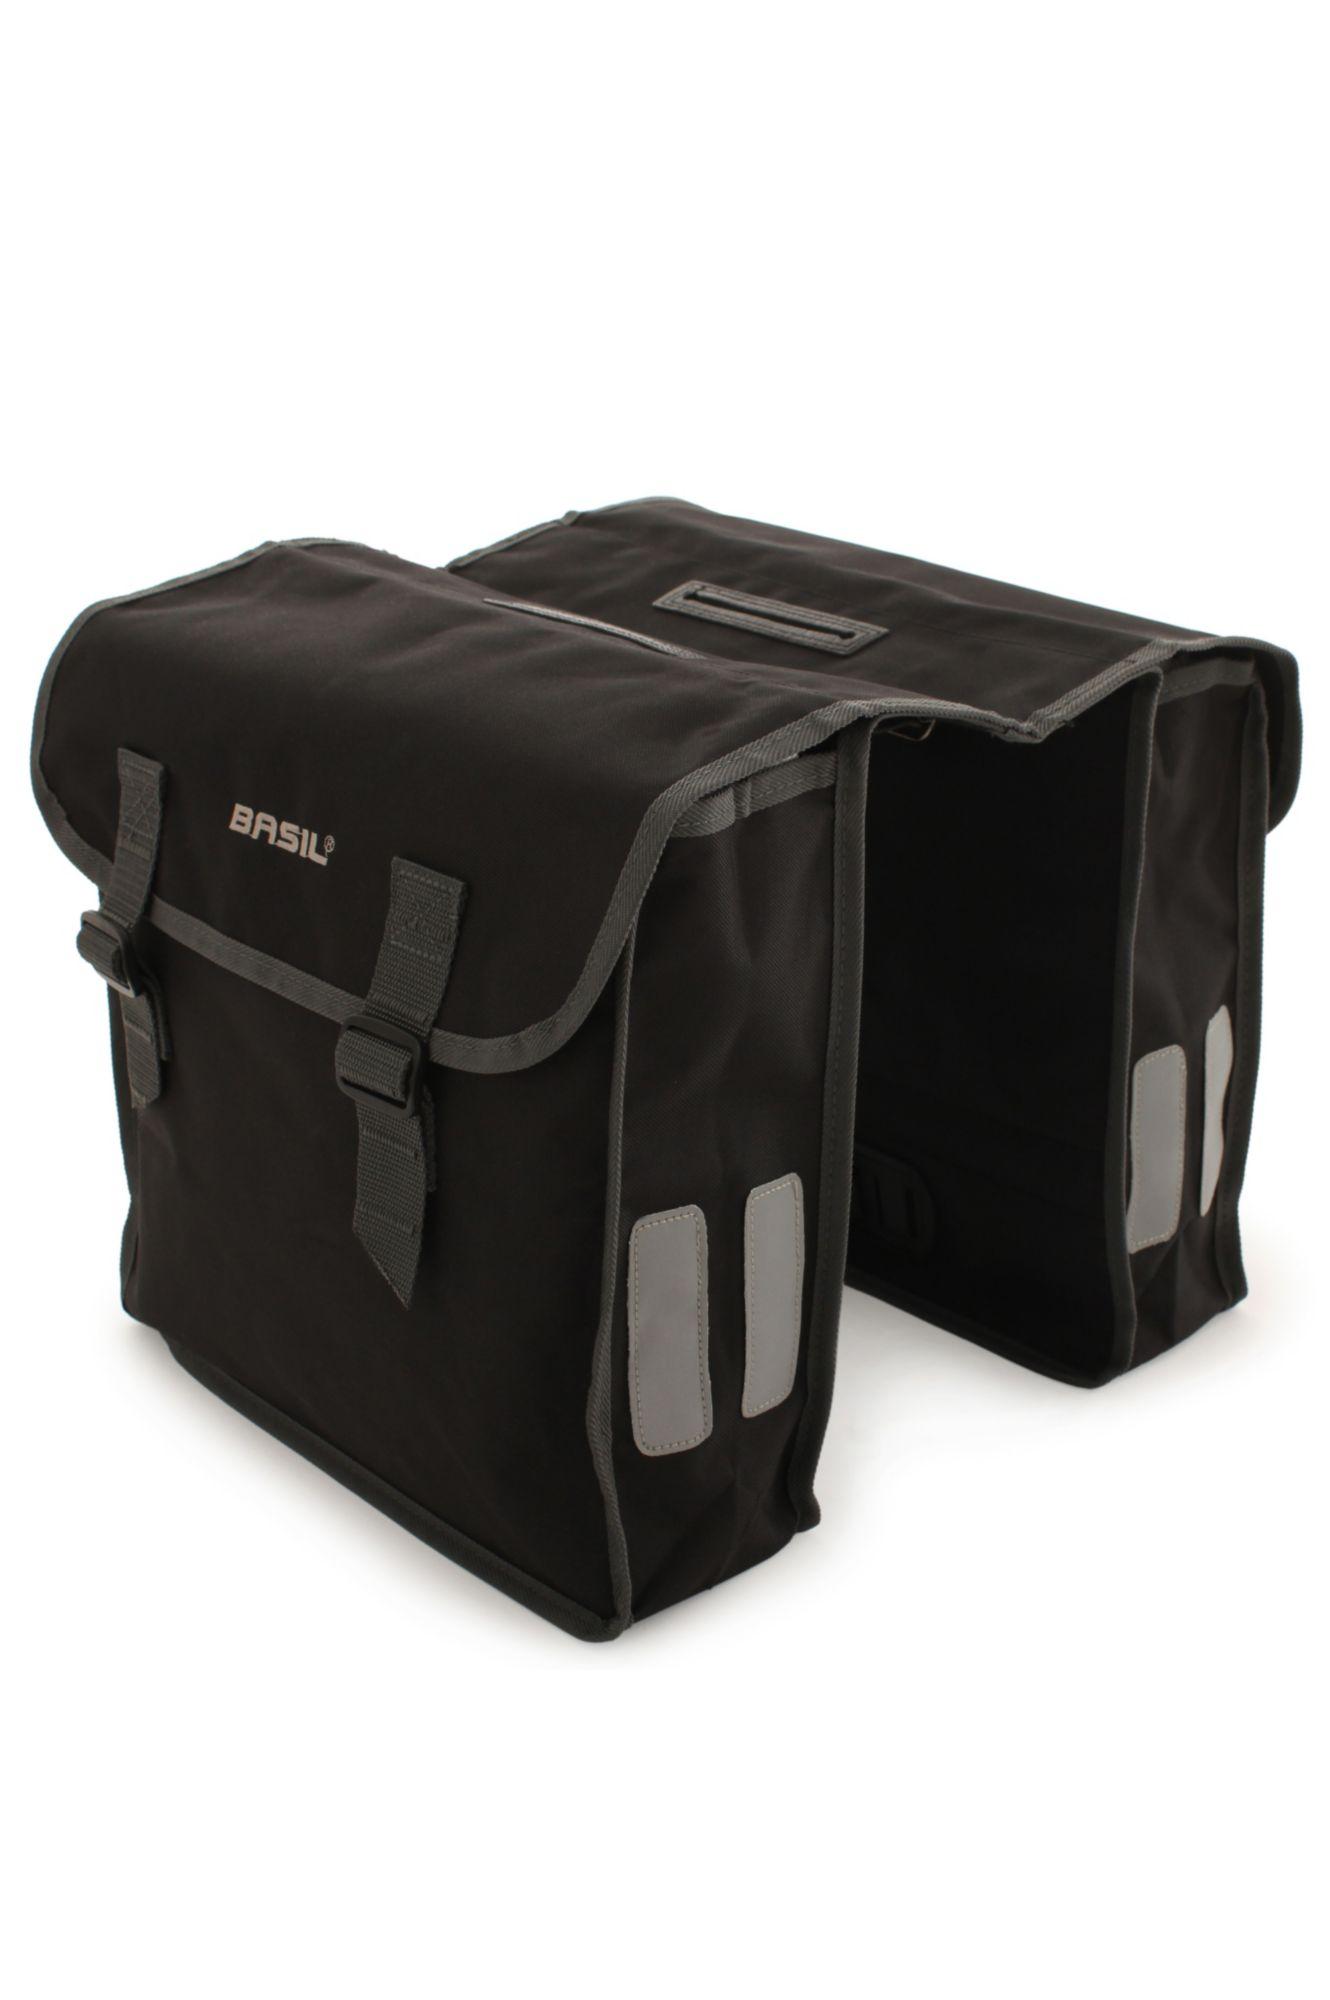 BASIL  Gepäckträger-Doppeltasche, schwarz, »Mara«